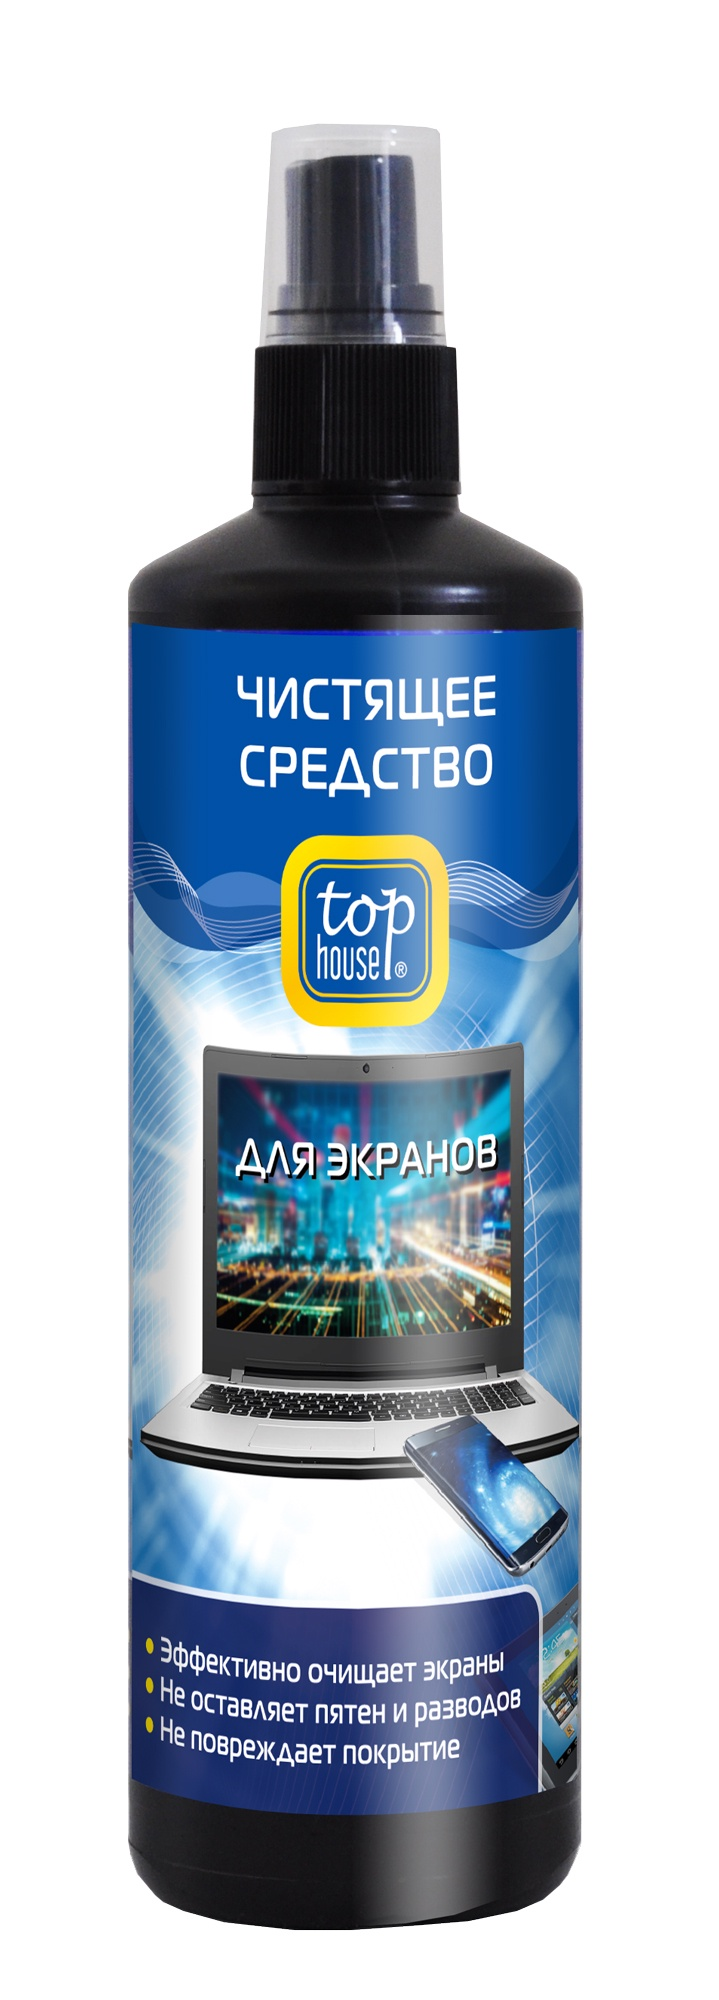 Очиститель для экранов всех типов Top House, 250 мл набор для смартфонов и планшетов top house очиститель салфетка 40 мл